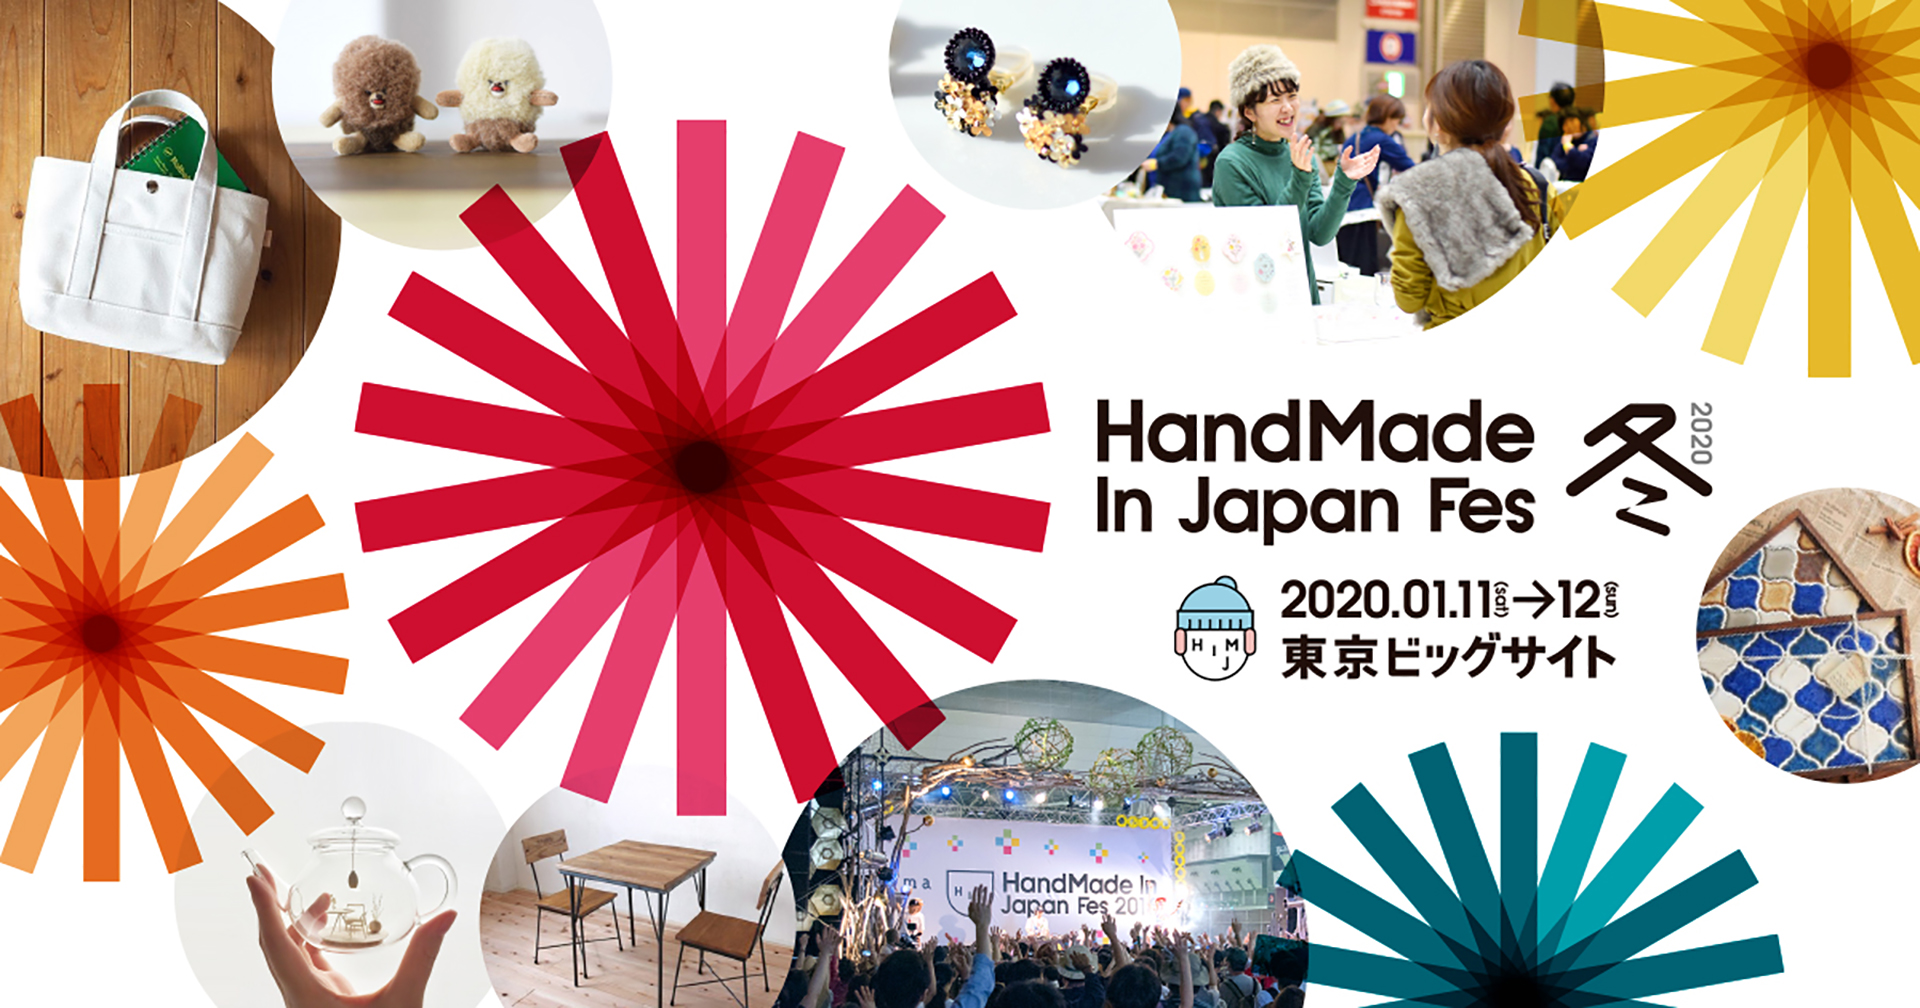 ハンドメイドインジャパンフェス冬